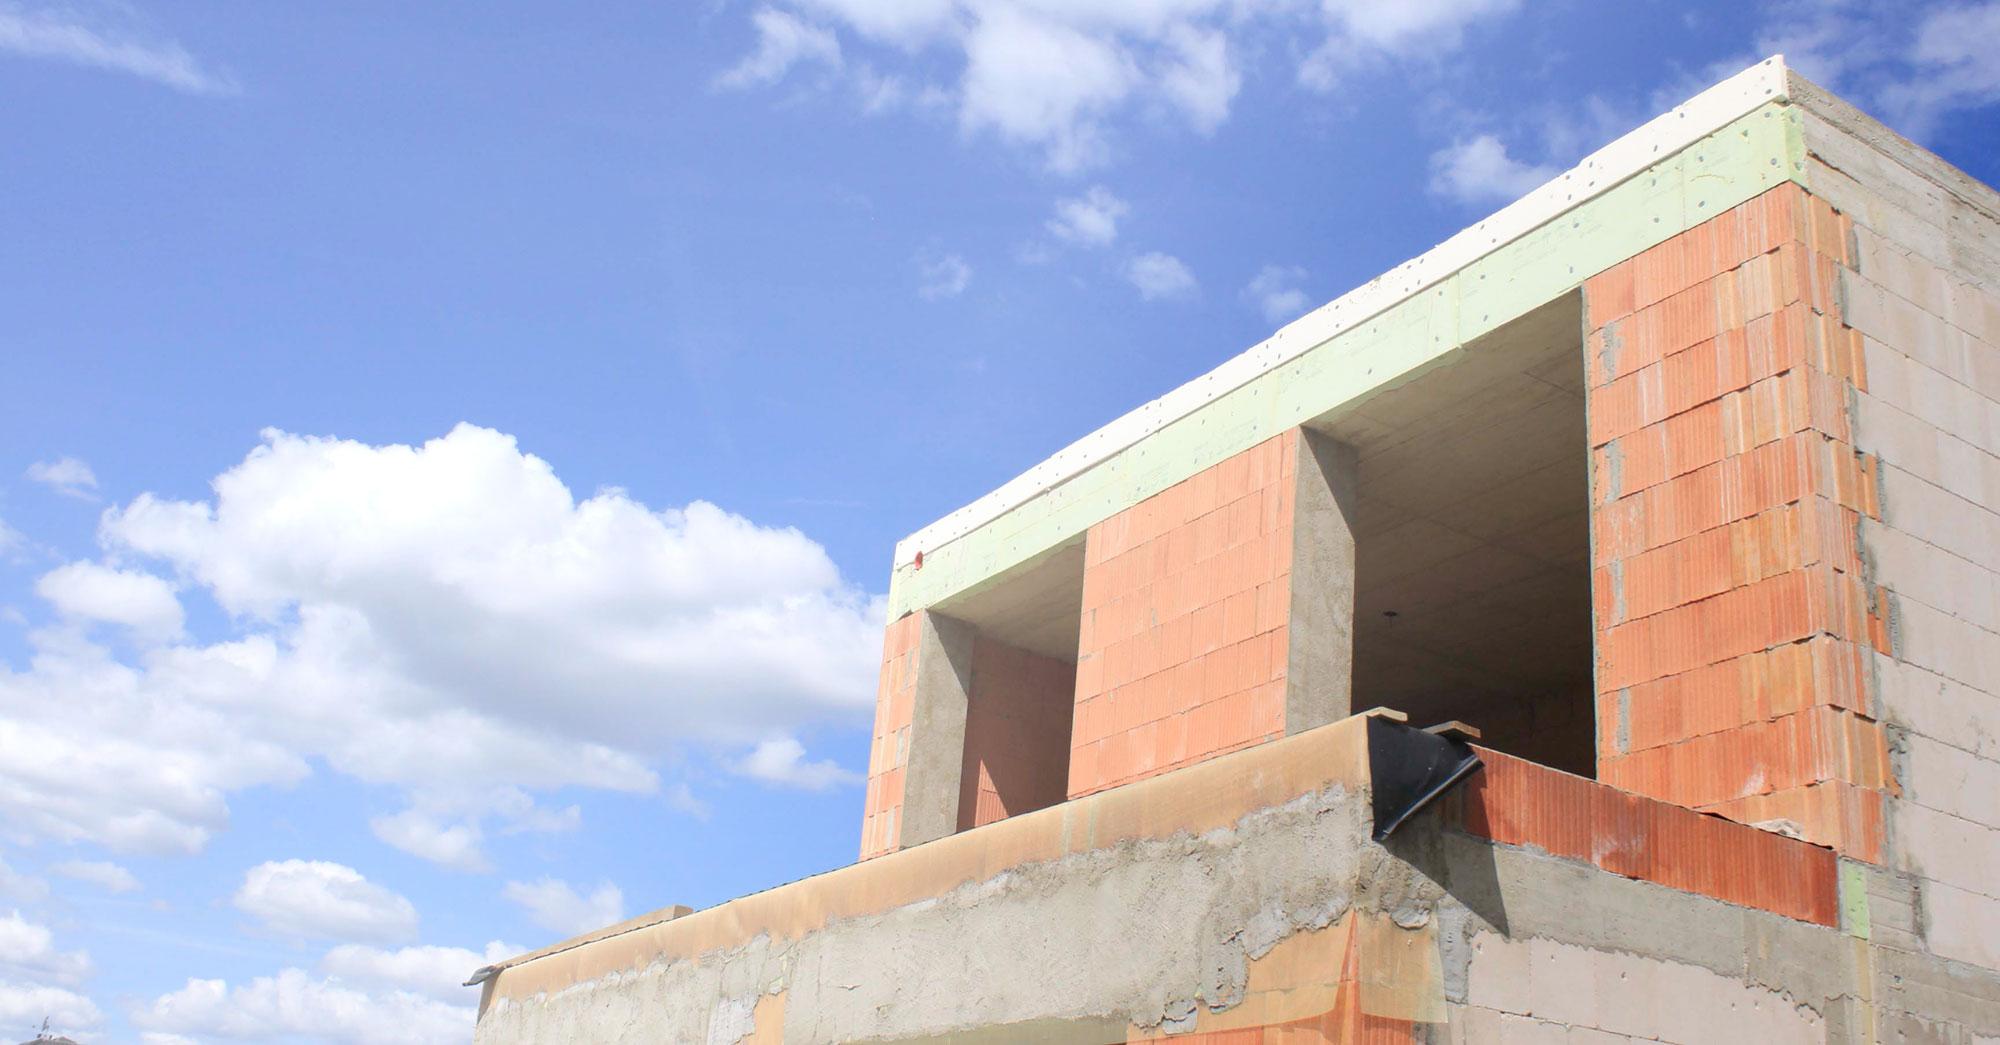 Bauunternehmung Pfaff GmbH